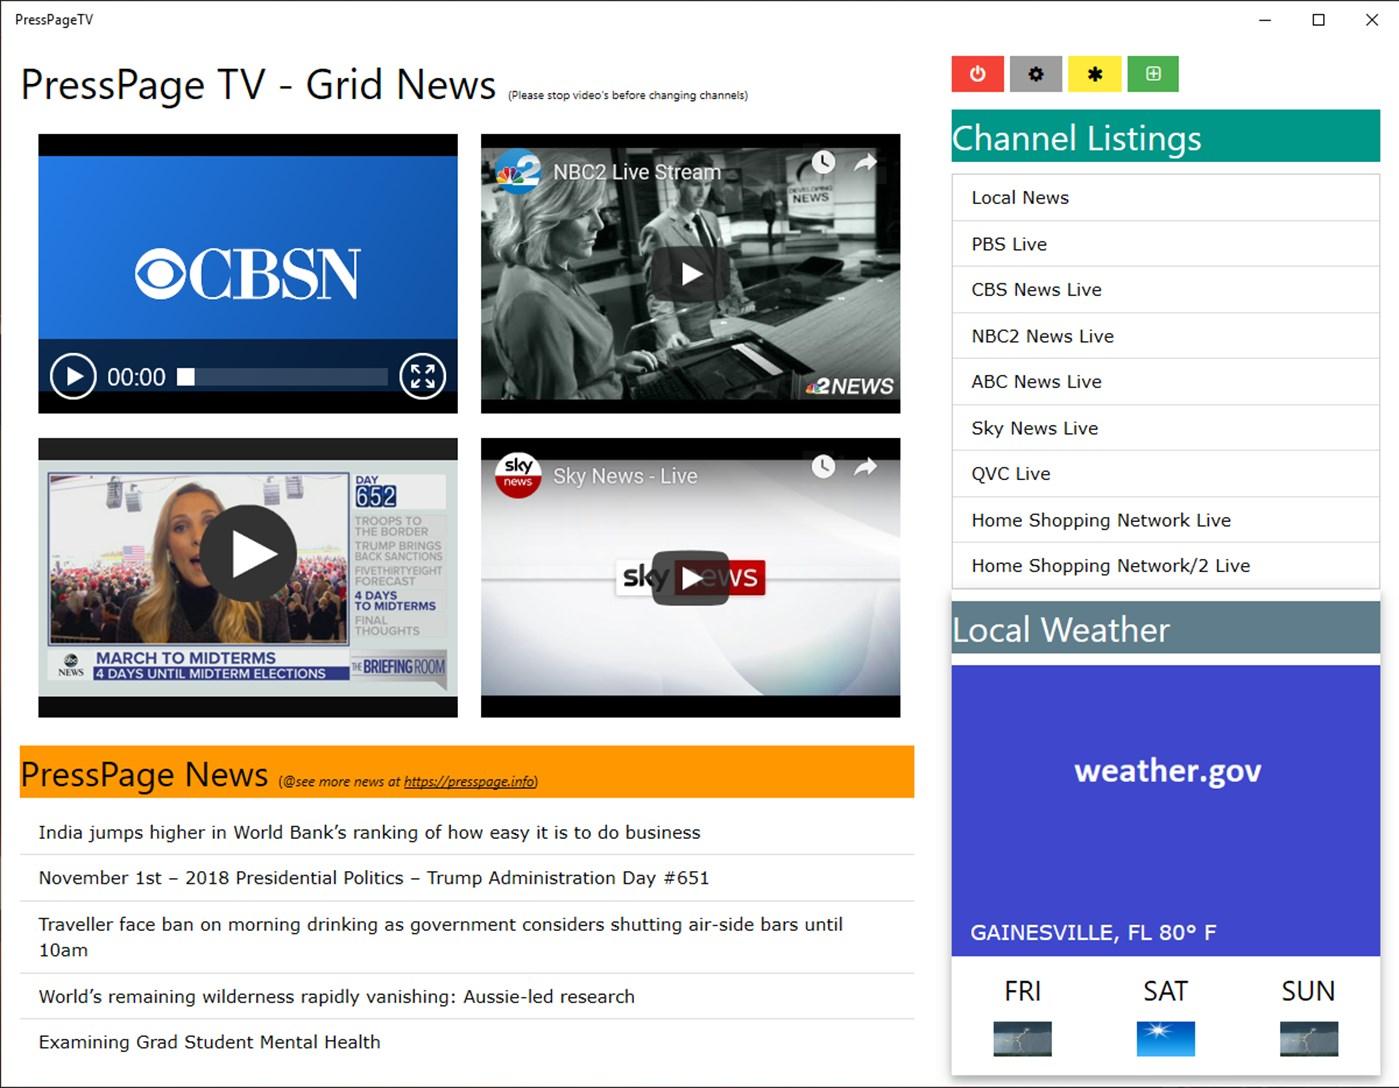 PressPage TV